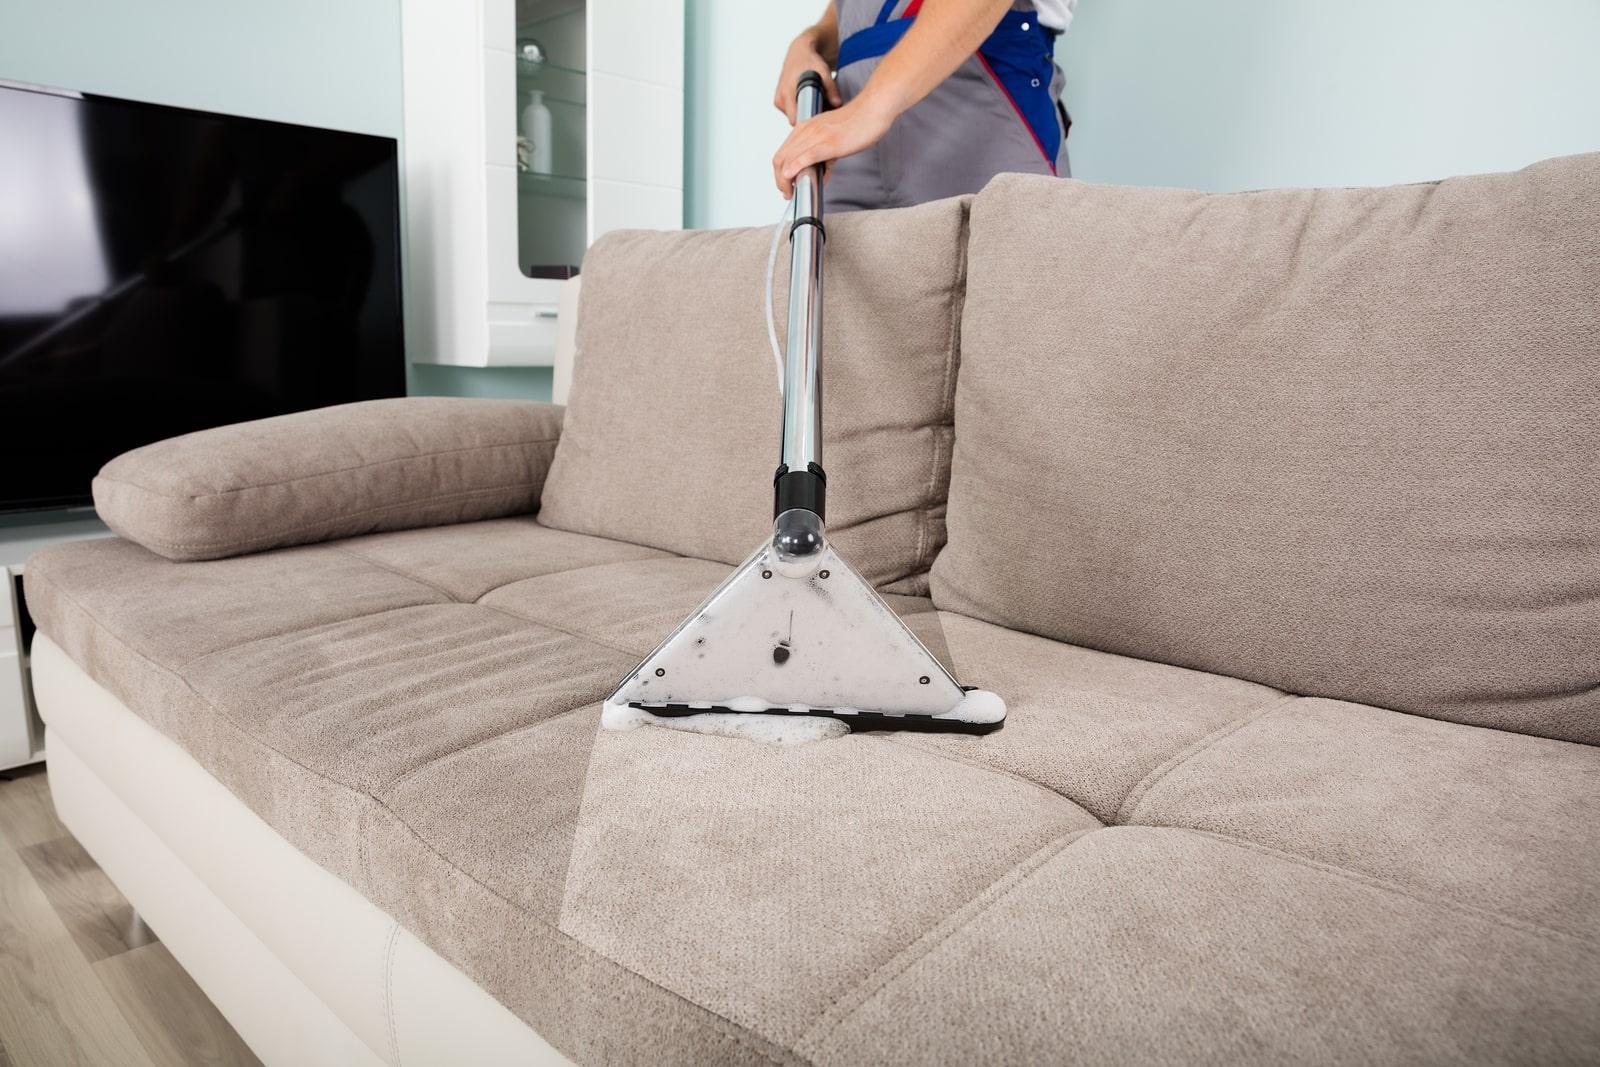 ניקוי שטיחים וספות